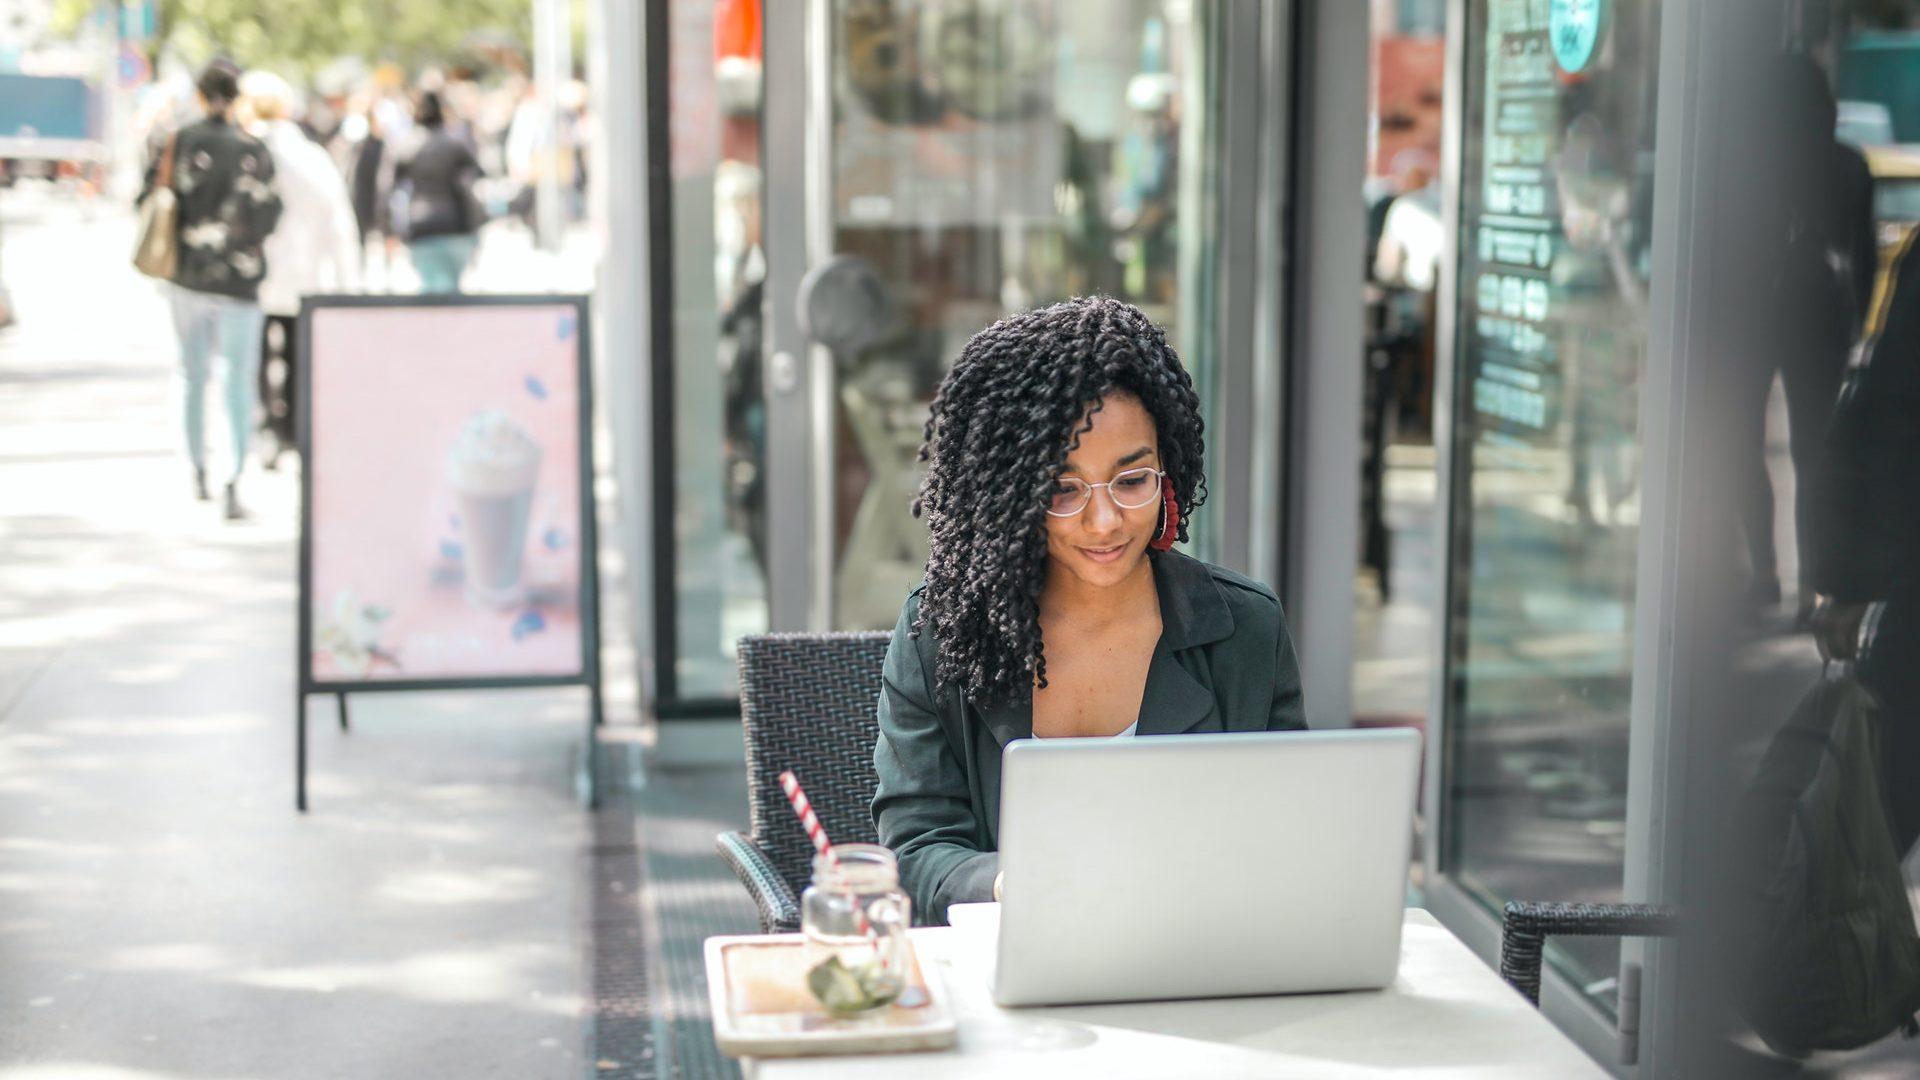 customer-using-free-wifi-coffee-shop